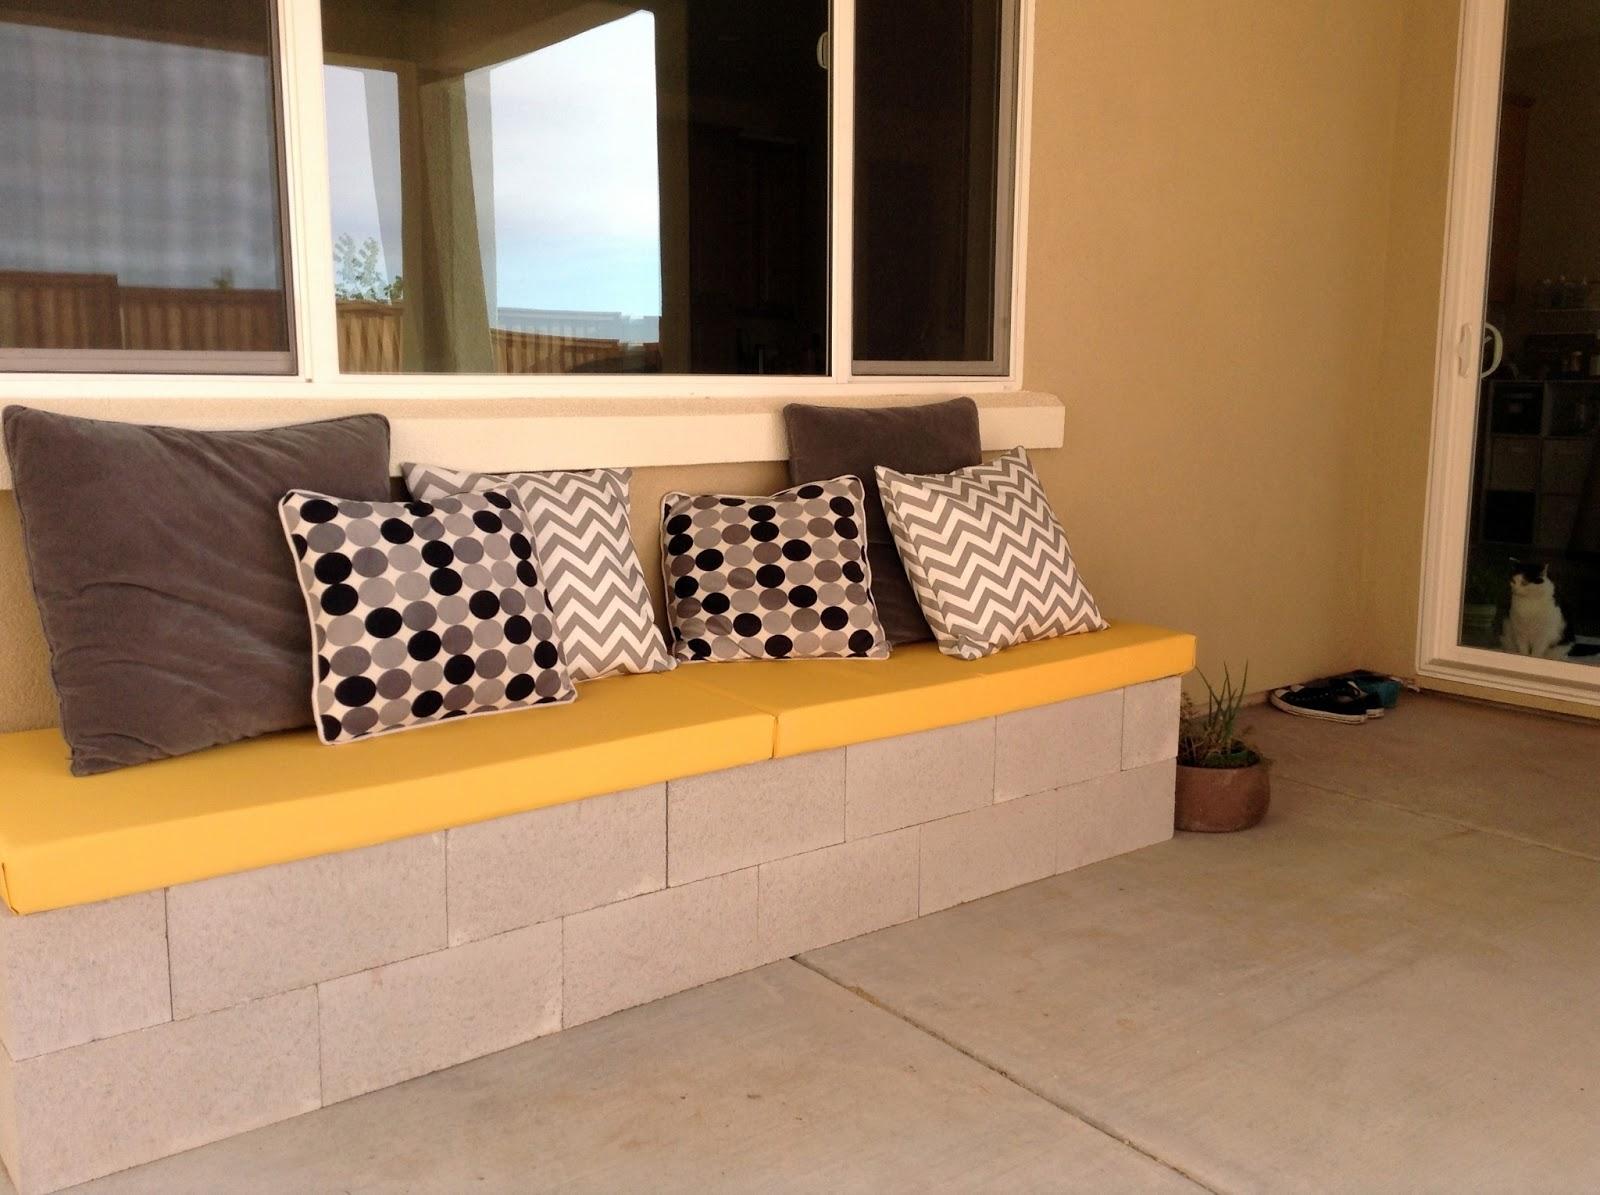 Finished Cinder Block Bench